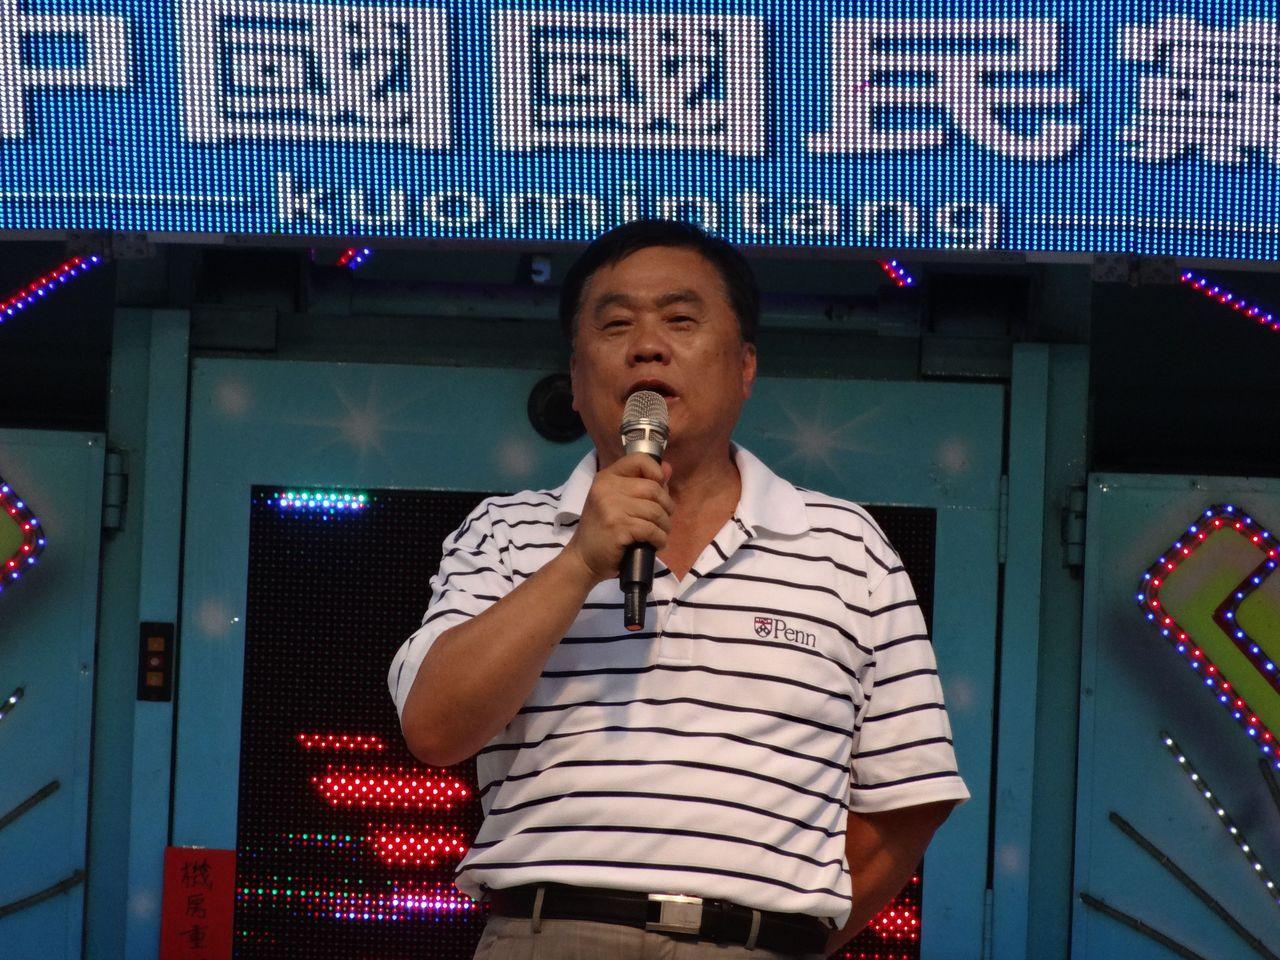 打贏官司的嘉義縣國民黨前立委翁重鈞。資料照片